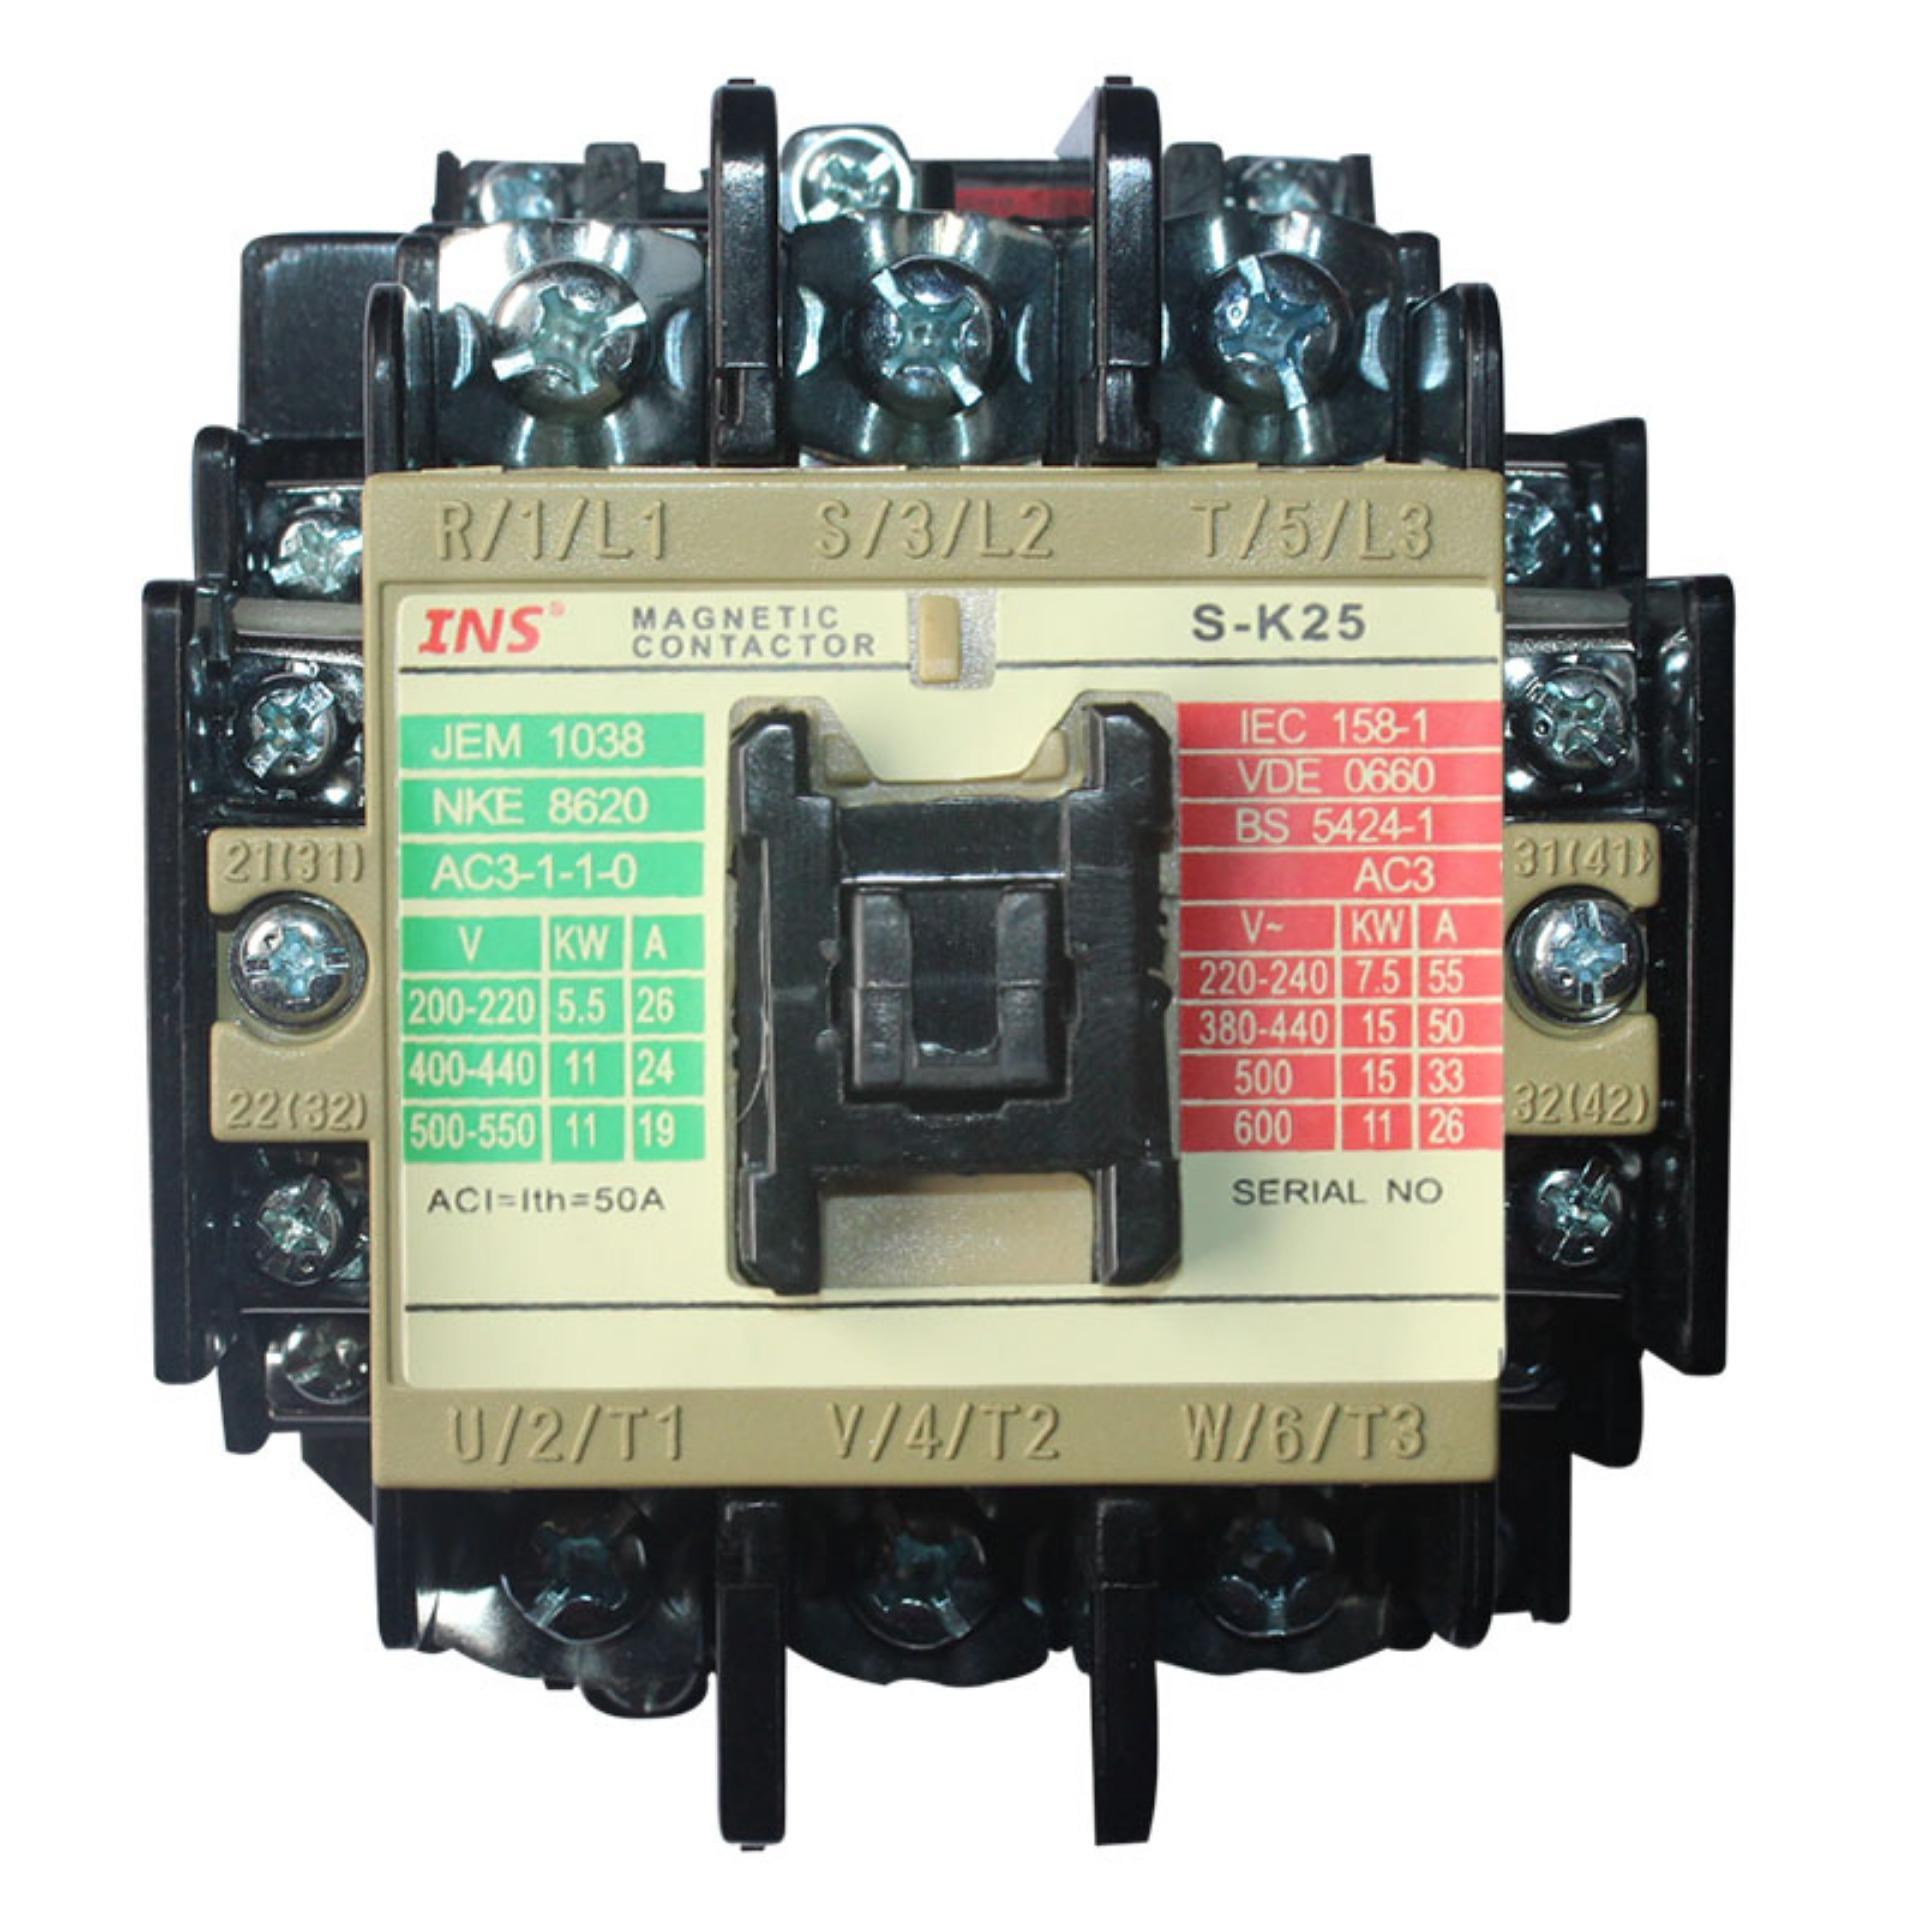 Spesifikasi Eelic Com Sk25 Contactor Ac Magnetic 3P Ac 50A 220V 380V 440V 50 60 Hz Coil Bagus